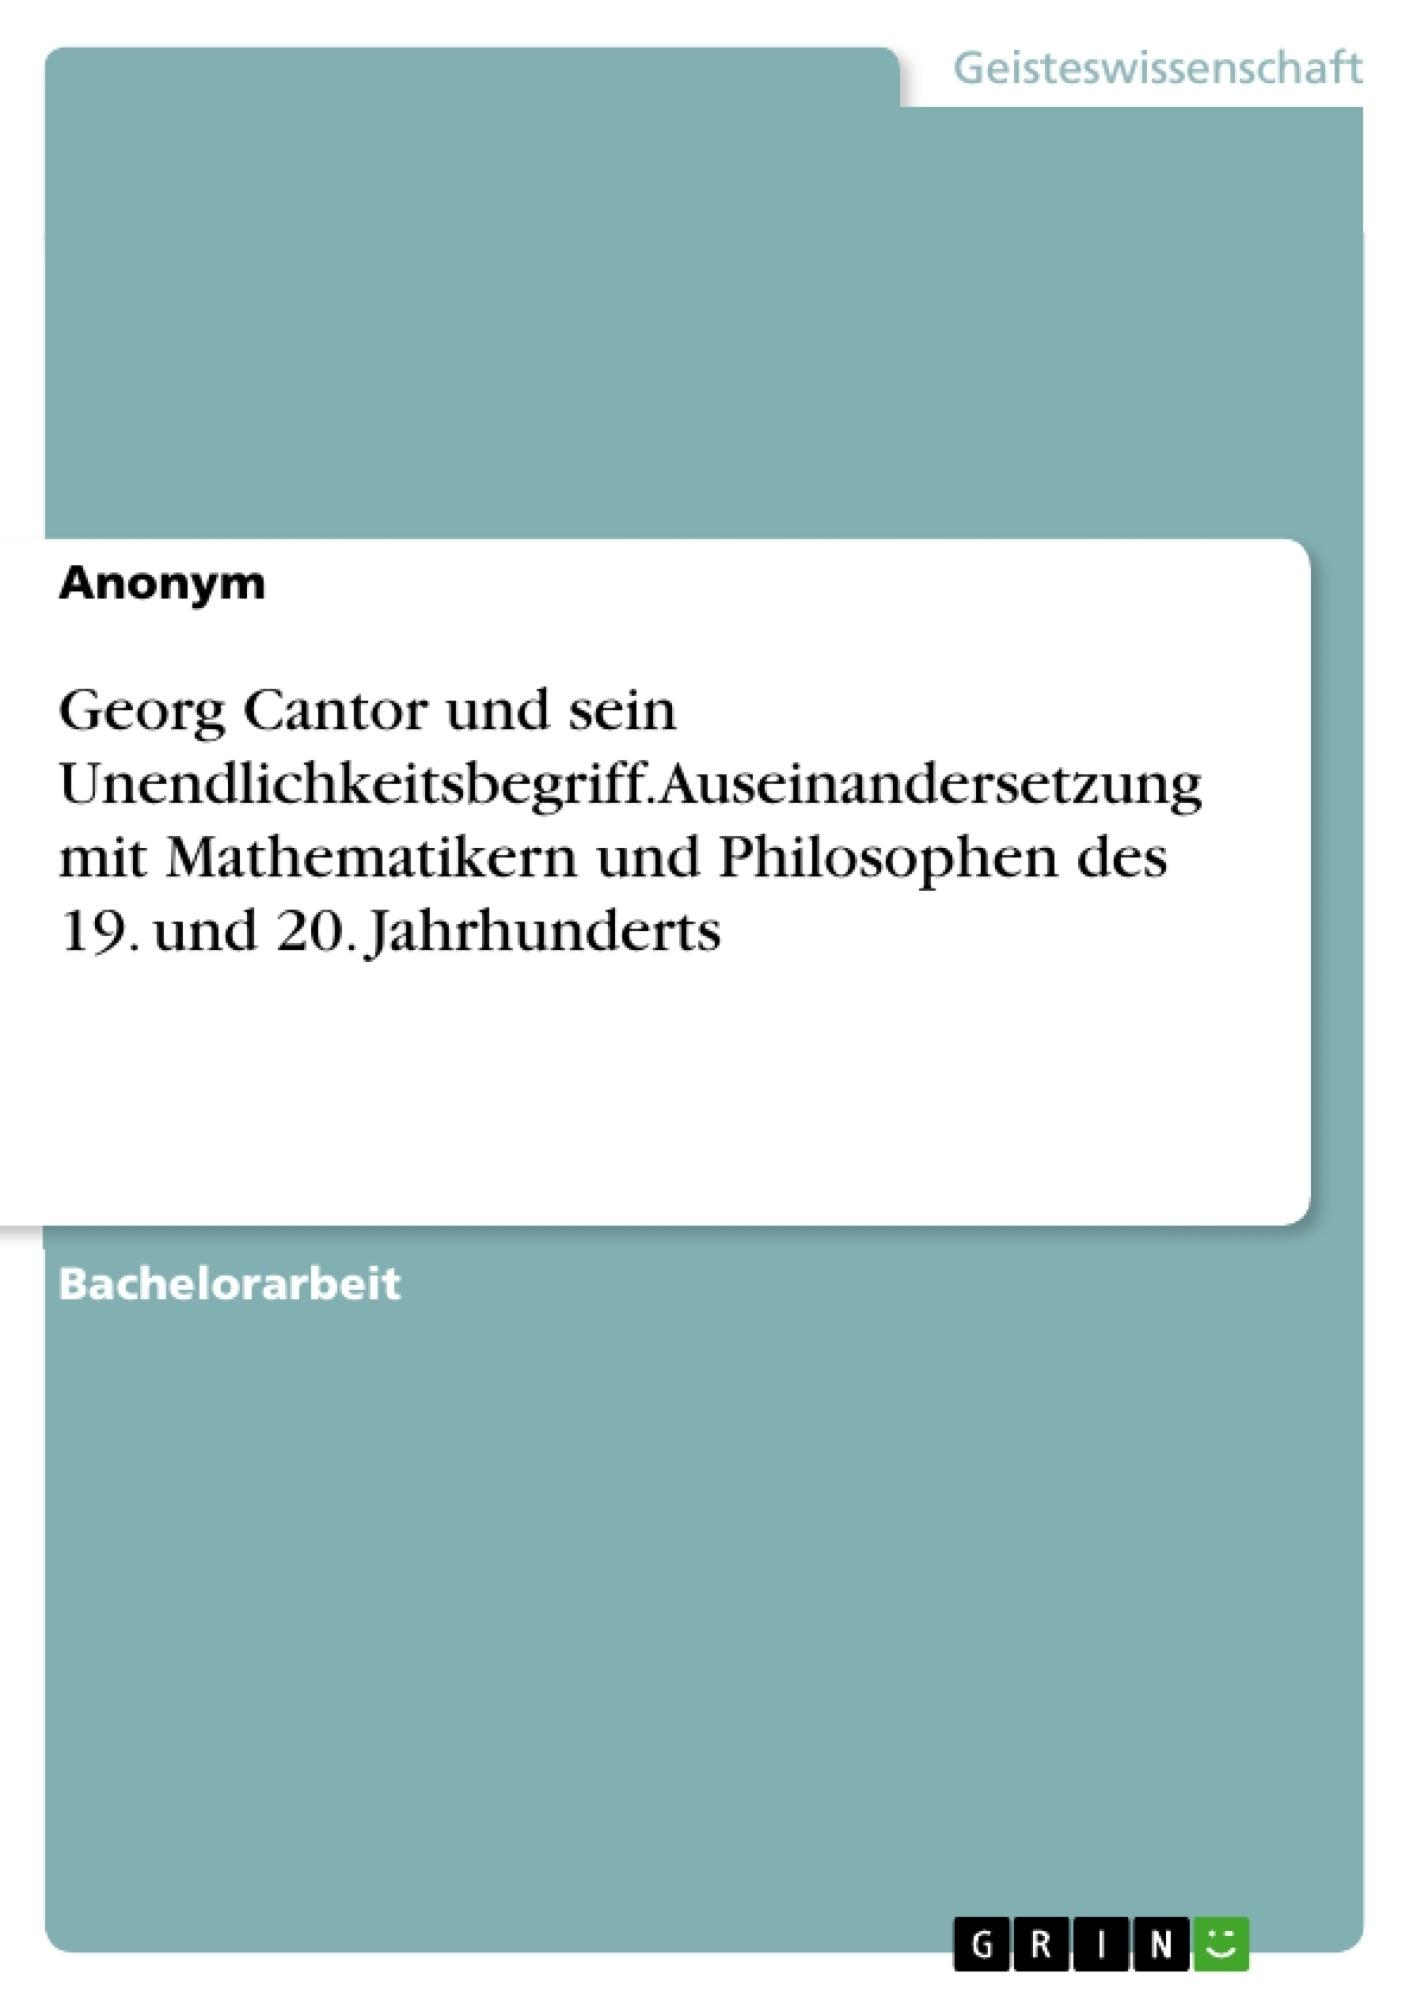 Titel: Georg Cantor und sein Unendlichkeitsbegriff. Auseinandersetzung mit Mathematikern und Philosophen des 19. und 20. Jahrhunderts